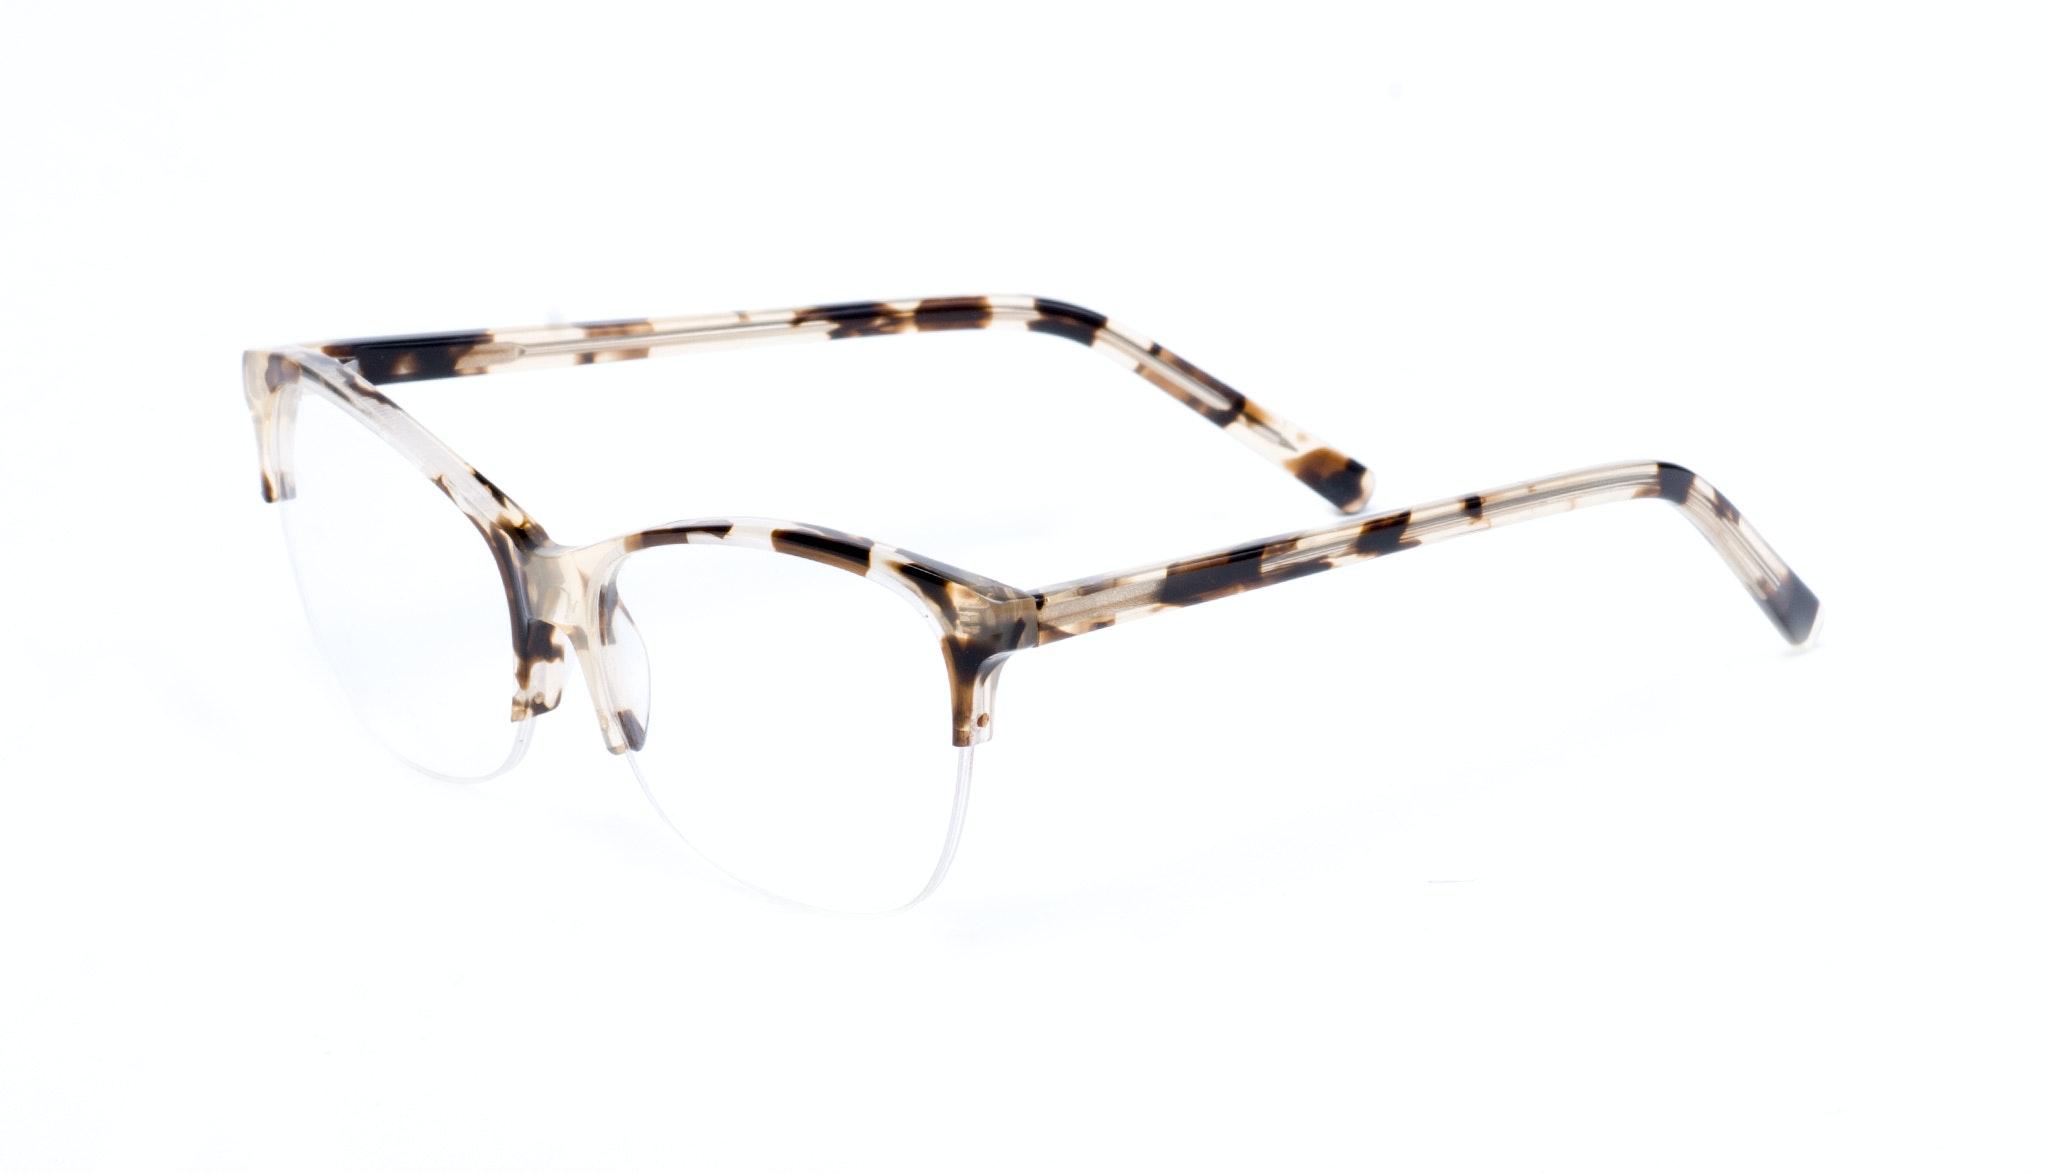 Affordable Fashion Glasses Cat Eye Rectangle Semi-Rimless Eyeglasses Women Flair Light Mocha Tortoise II Tilt